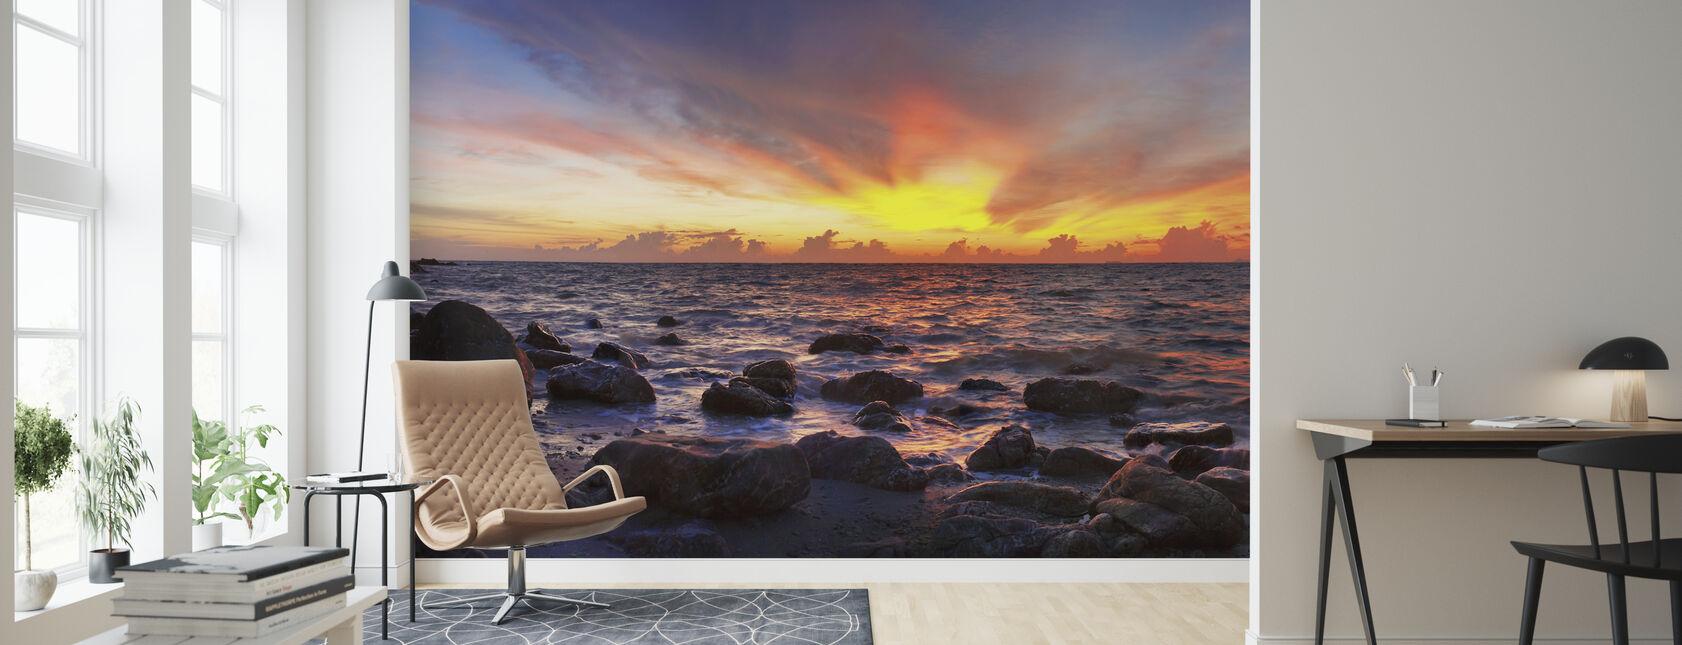 Wild Sunset - Wallpaper - Living Room